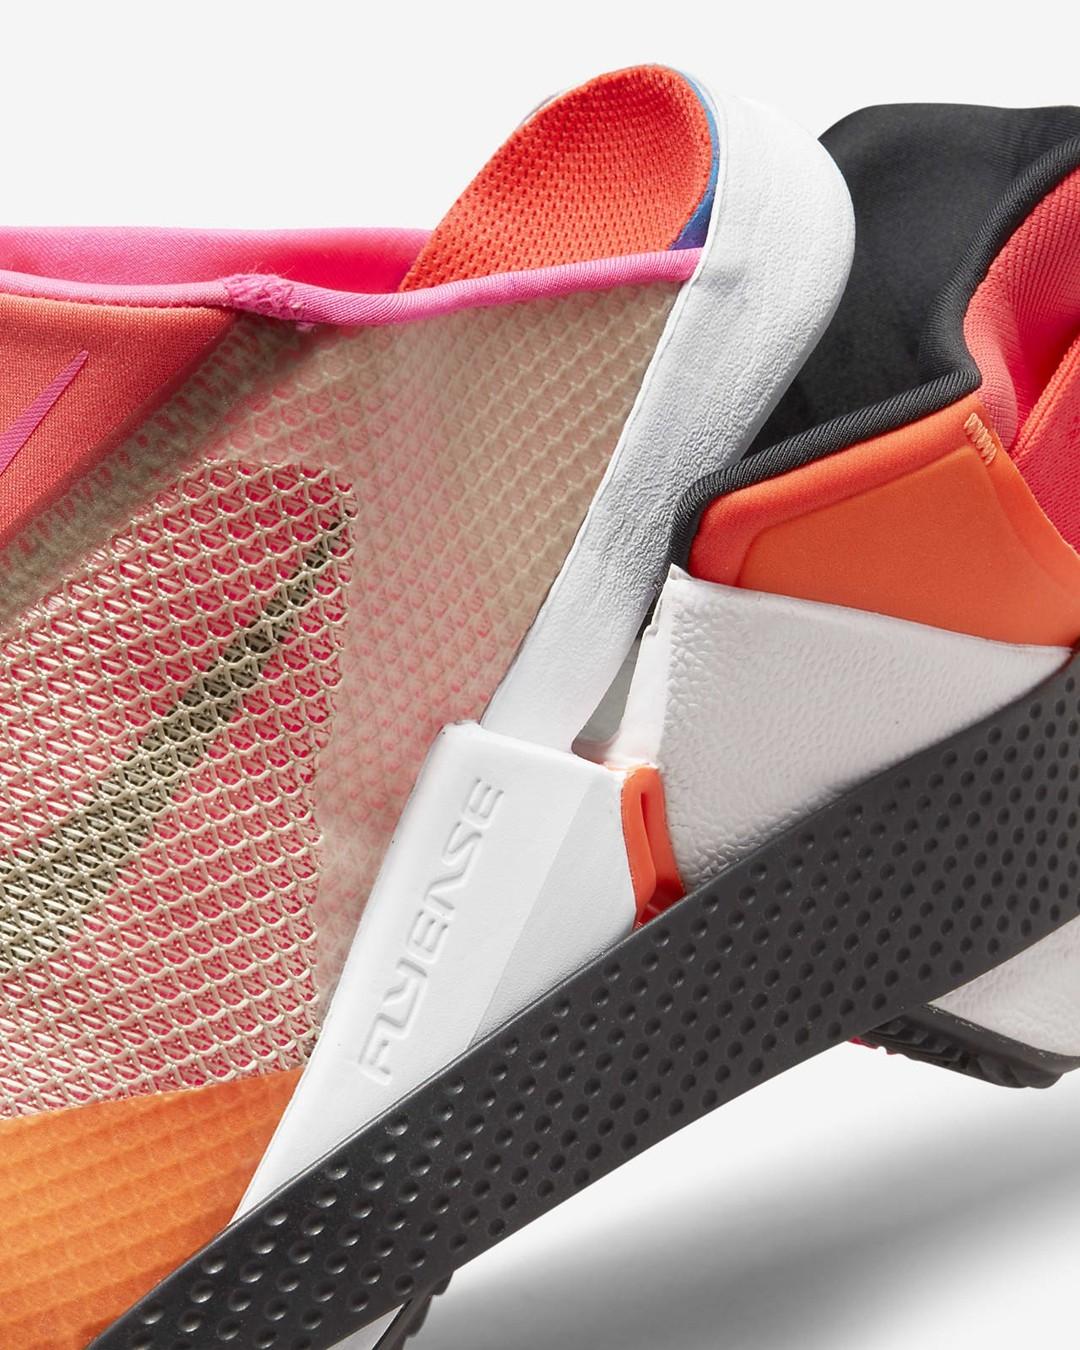 Nike,Go FlyEase,CW5883-600  低配「自动系带」刷新你穿鞋的方式!Nike 懒人神鞋终于来了!